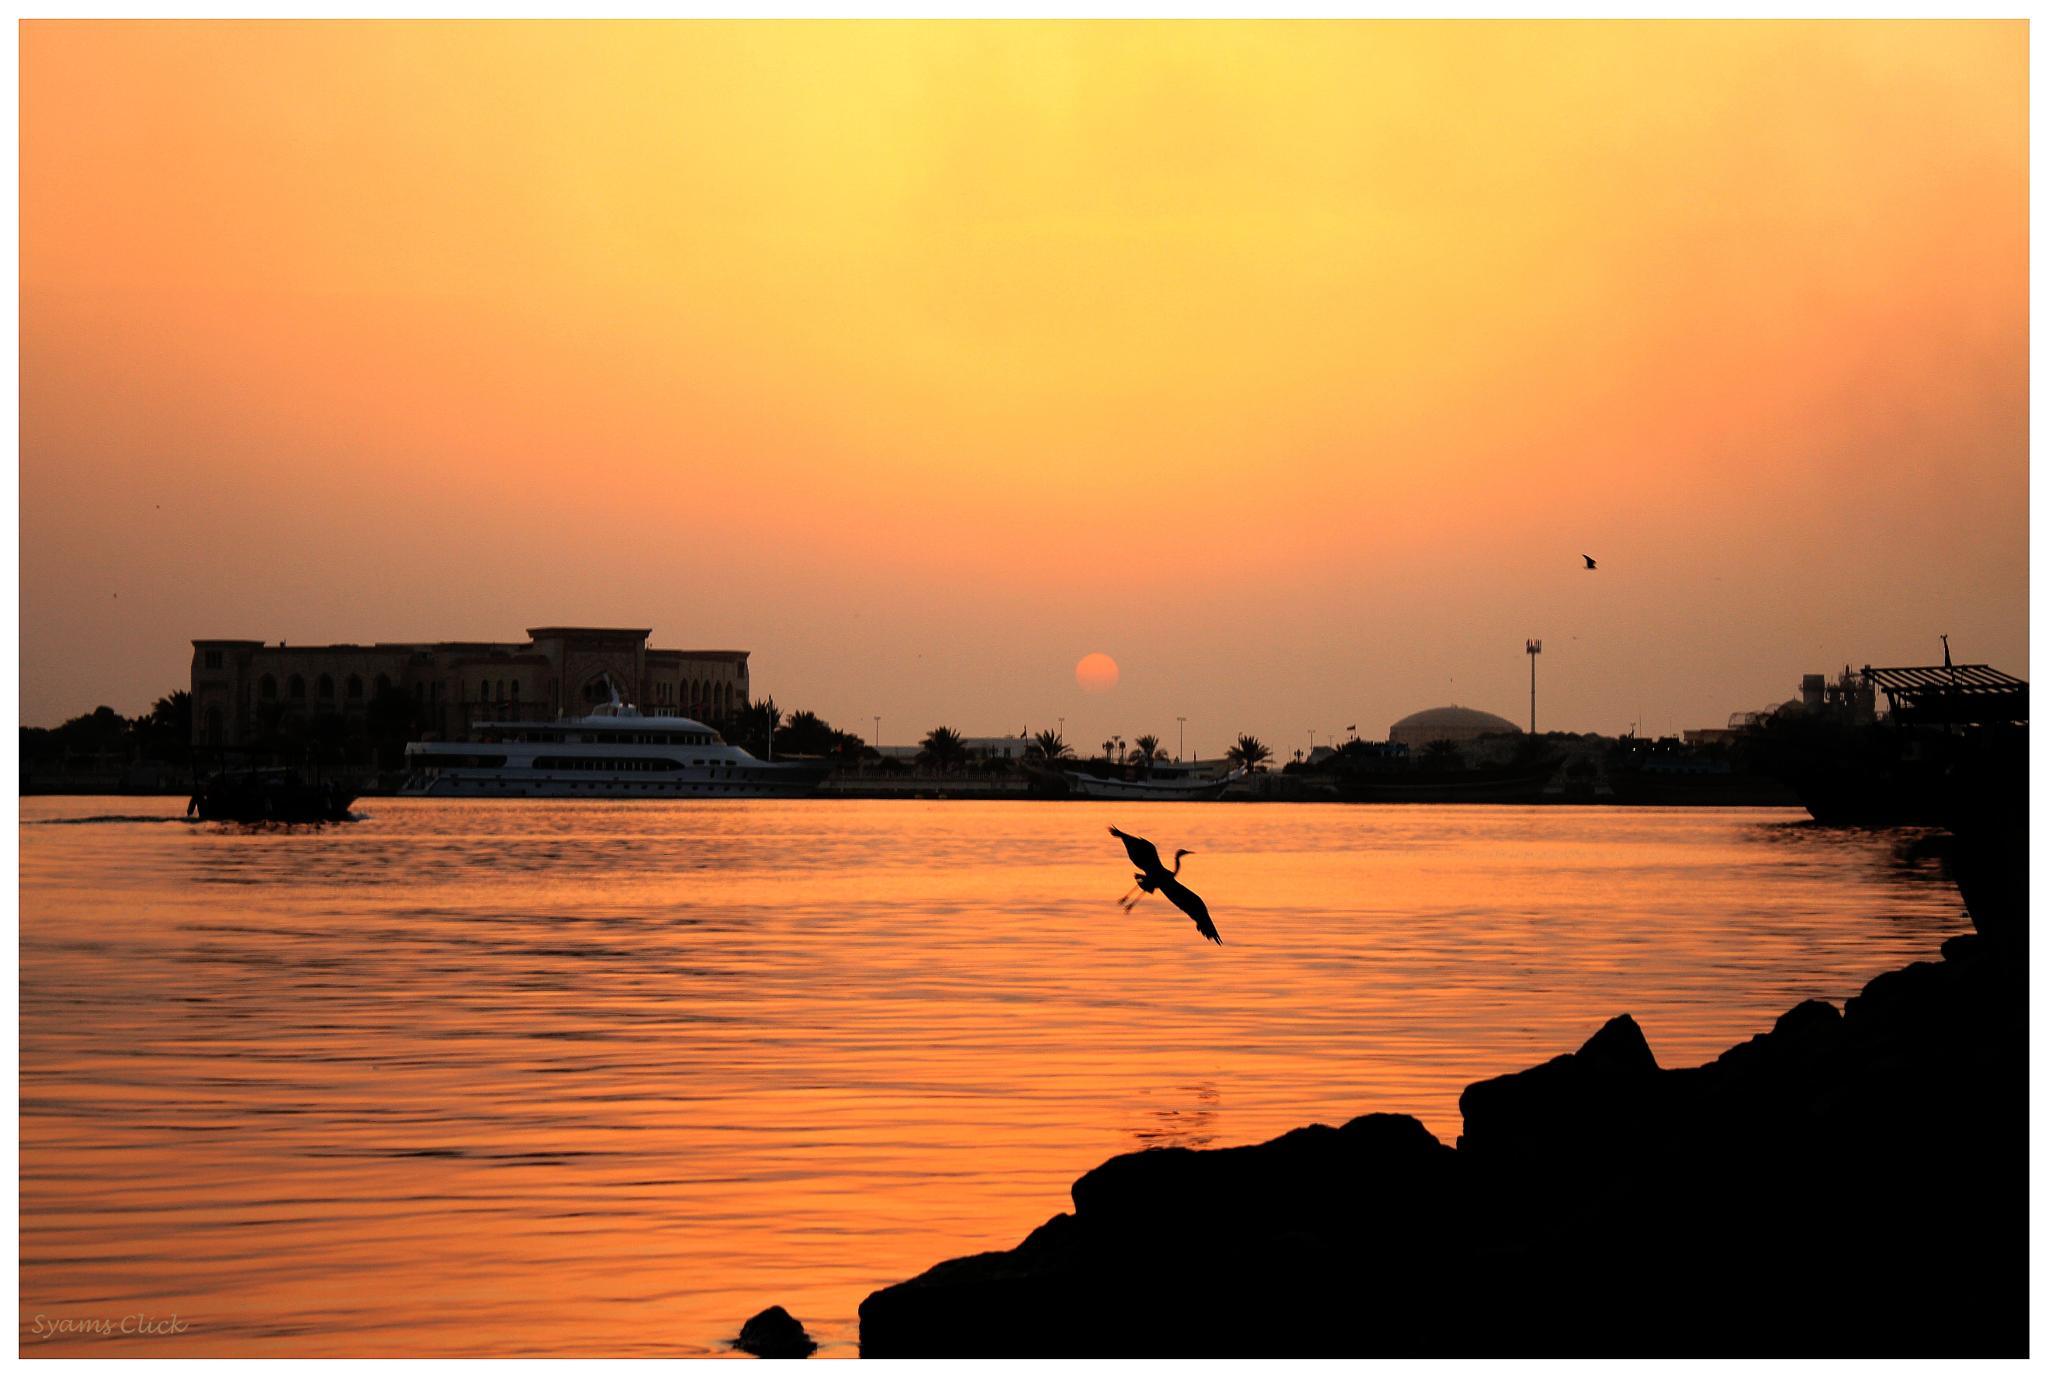 Sunset  by SyamsclicK